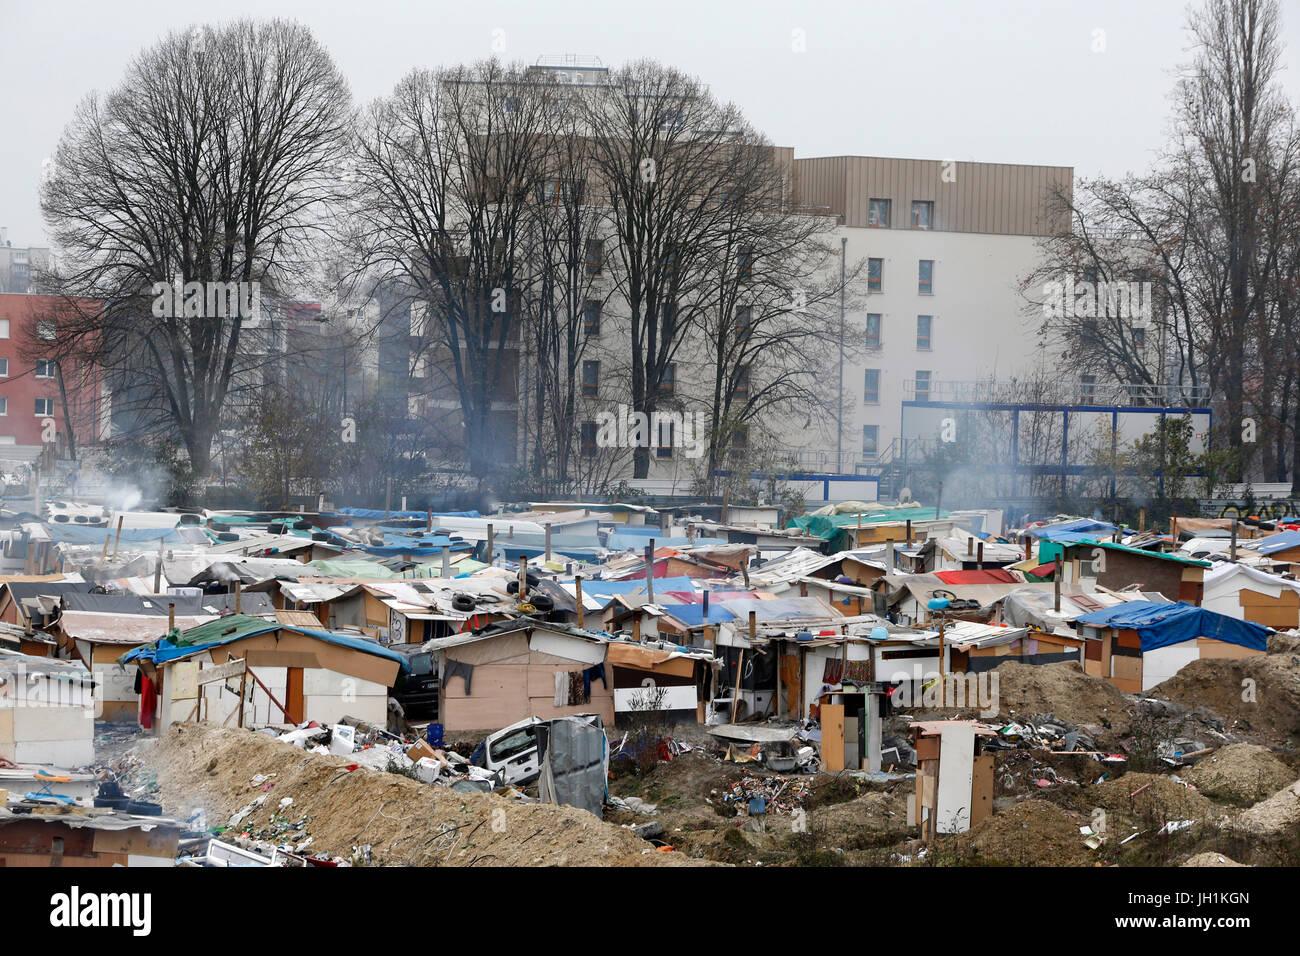 Zigeunerlager in Pierrefitte-sur-Seine, Frankreich. Frankreich. Stockbild